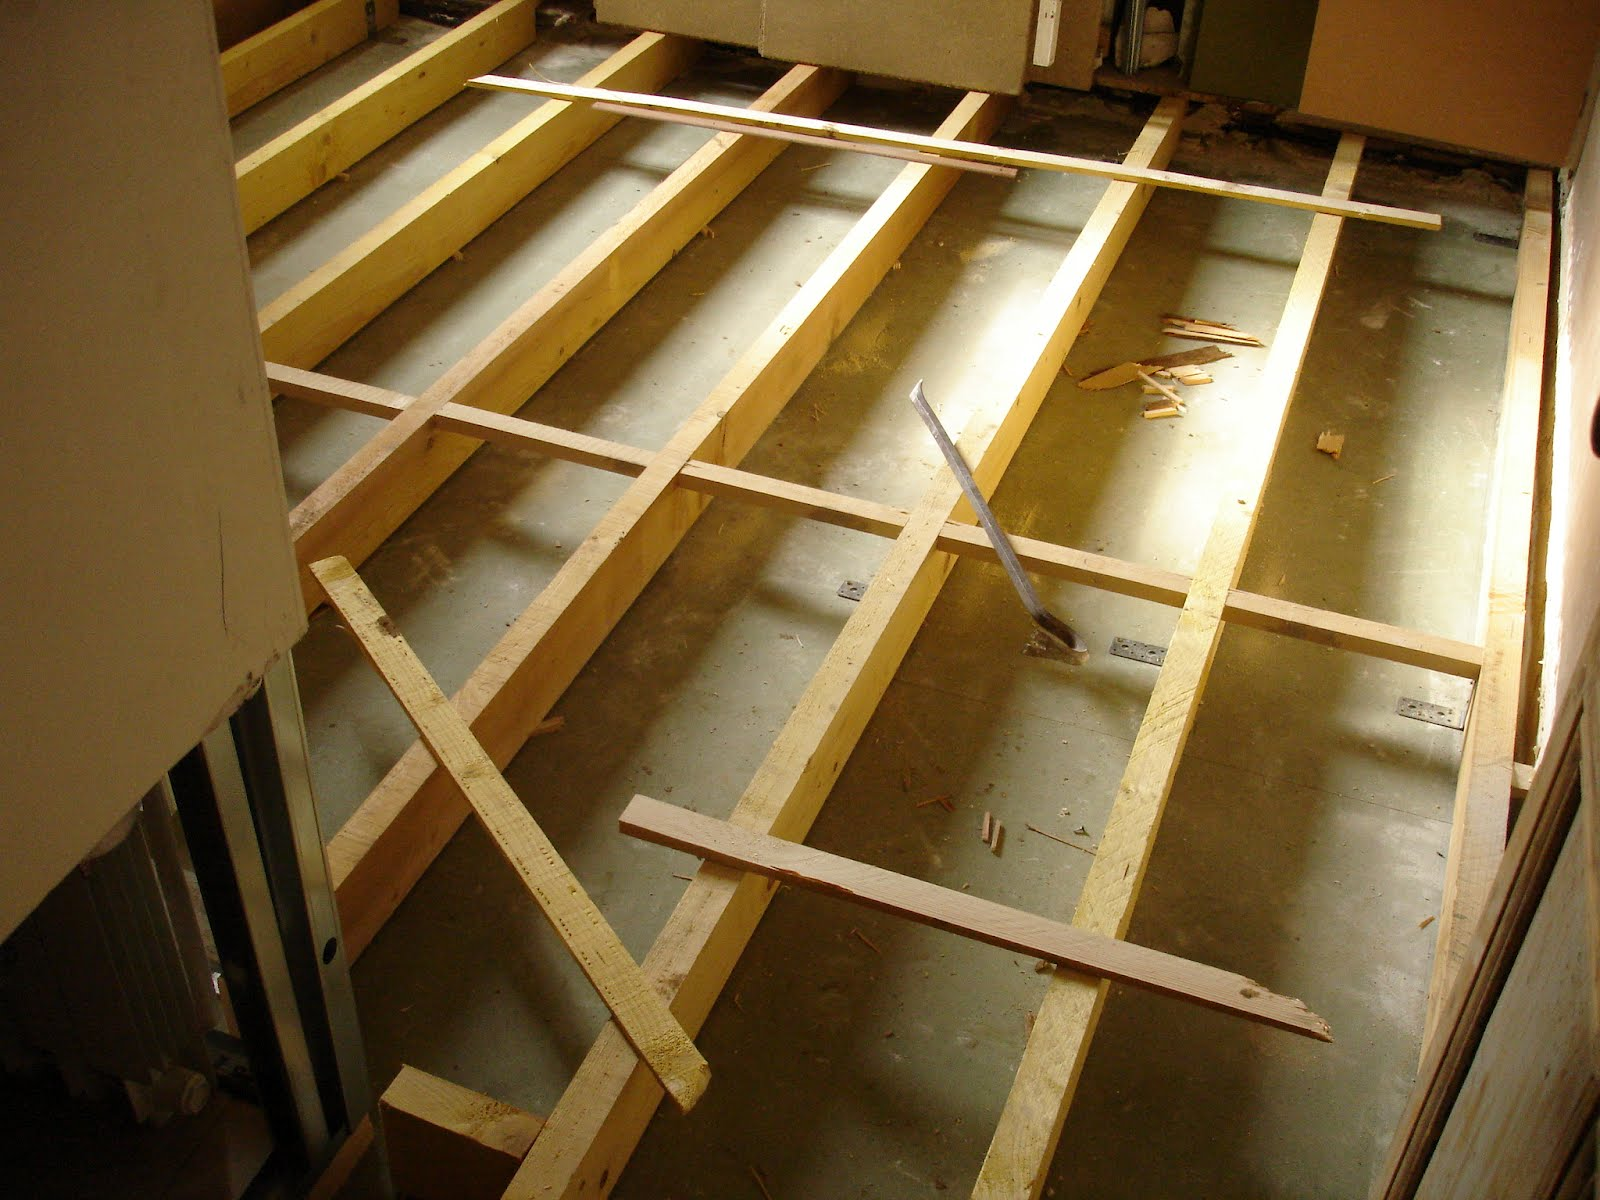 la terre dans tous ses tages petite parenth se concernant la r fection du plancher de la. Black Bedroom Furniture Sets. Home Design Ideas